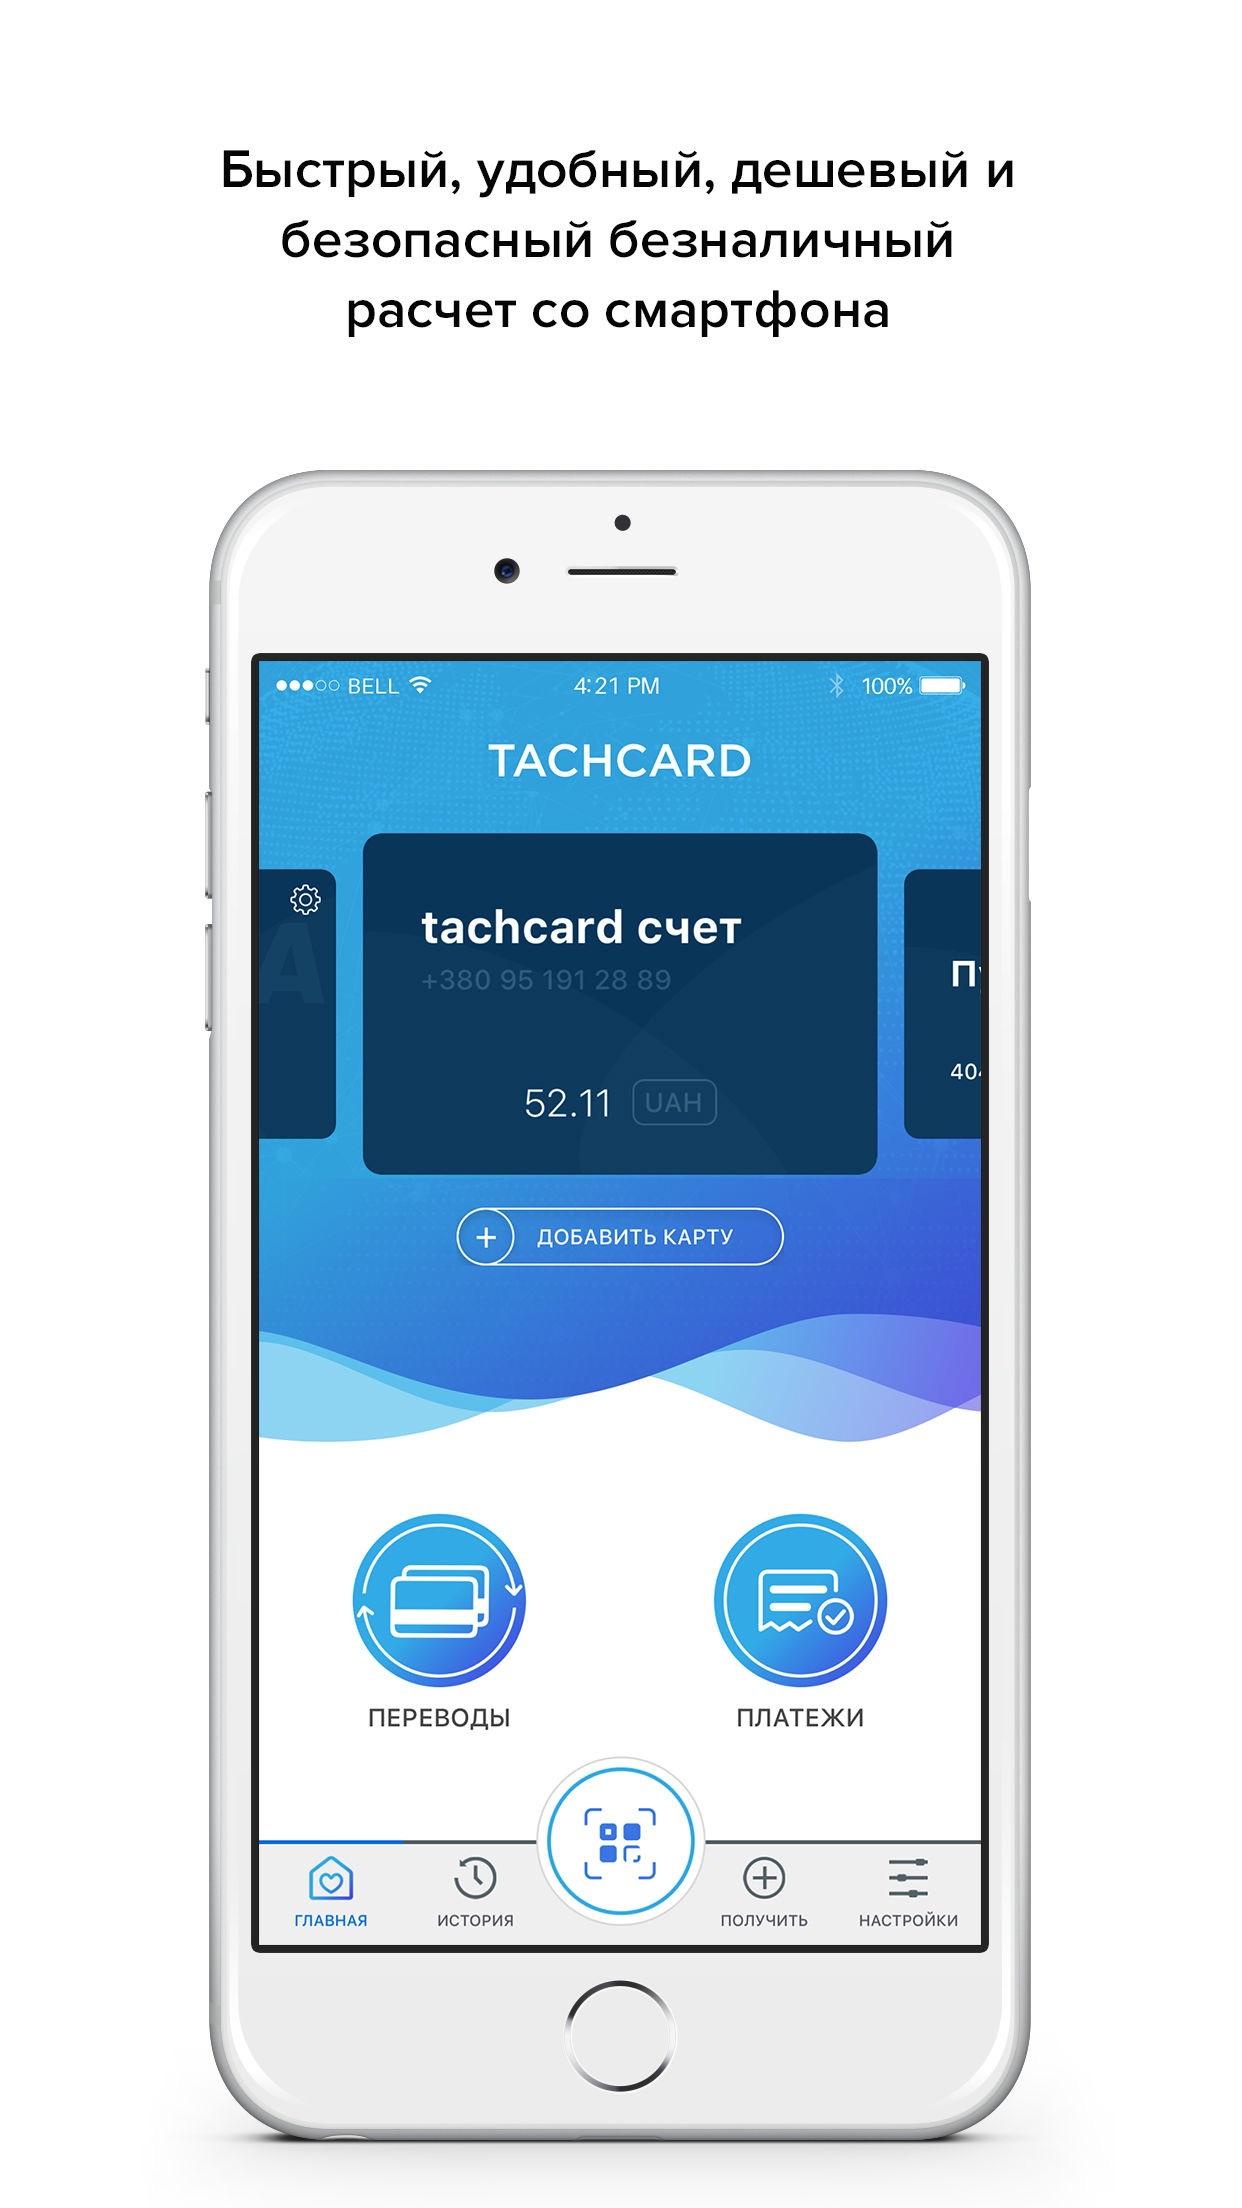 Tachcard - платежи и переводы Screenshot